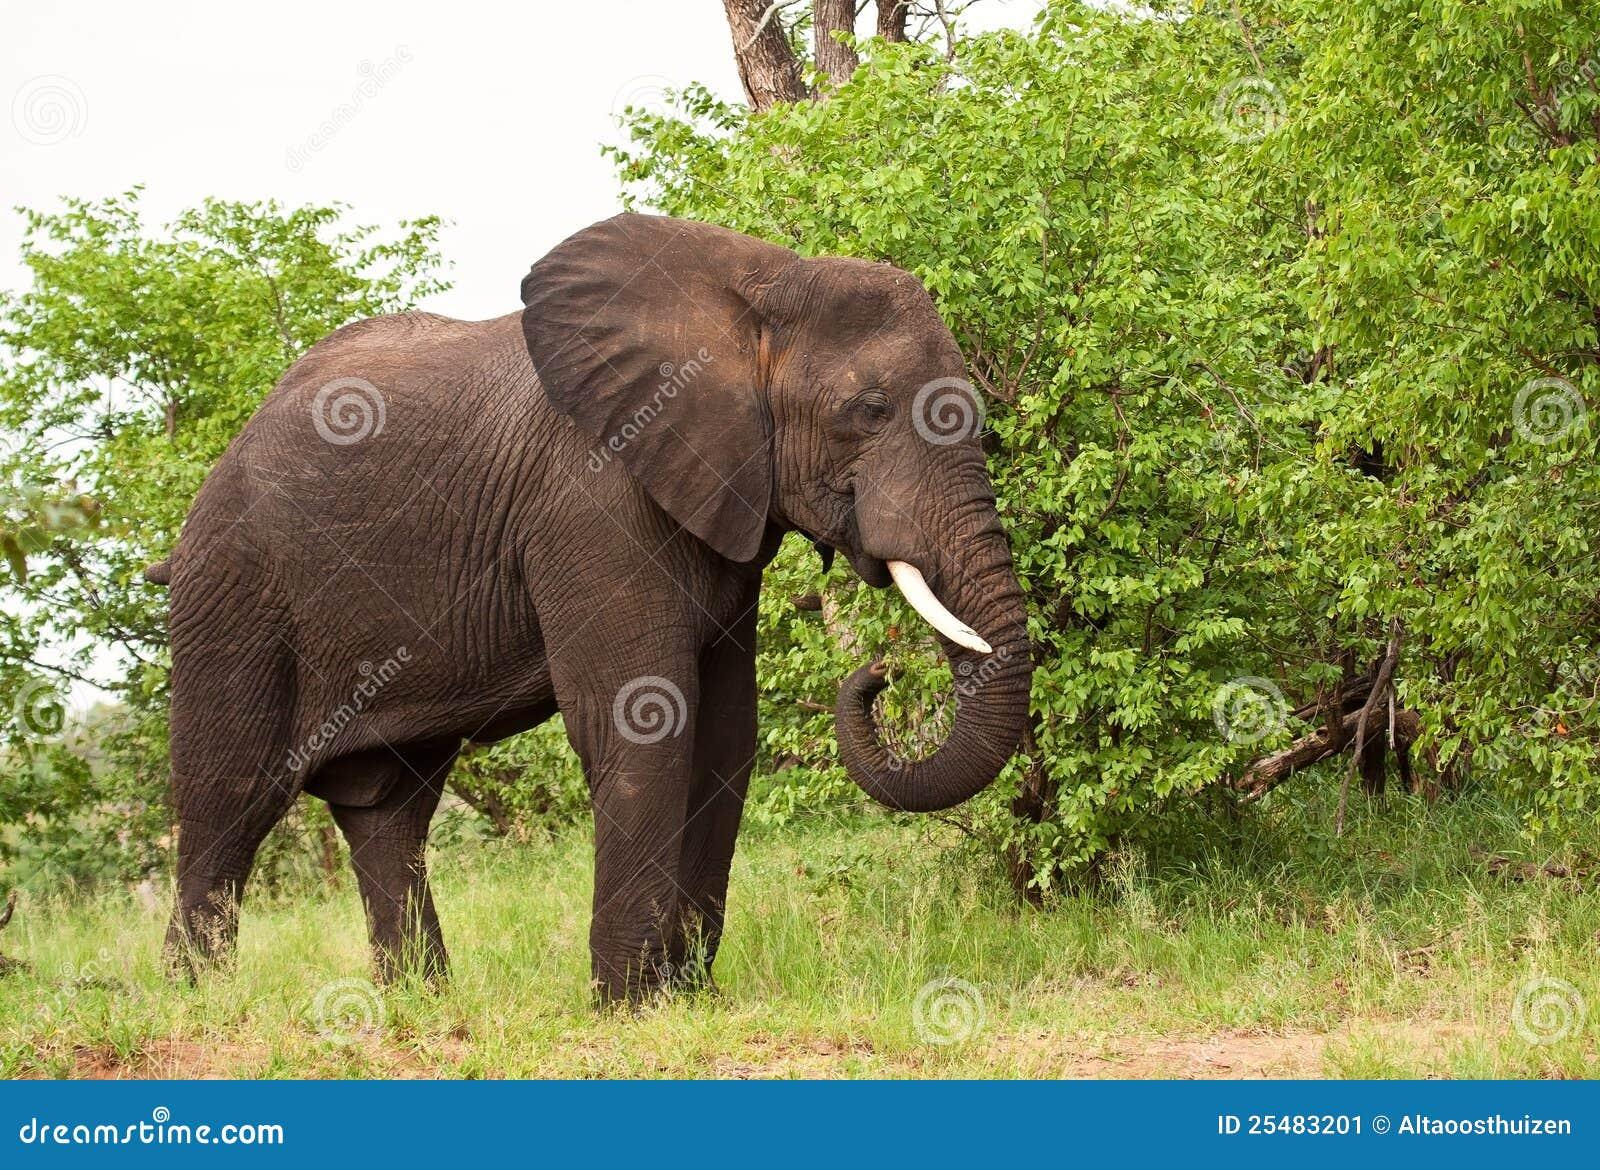 Elephant bull eating green leaves